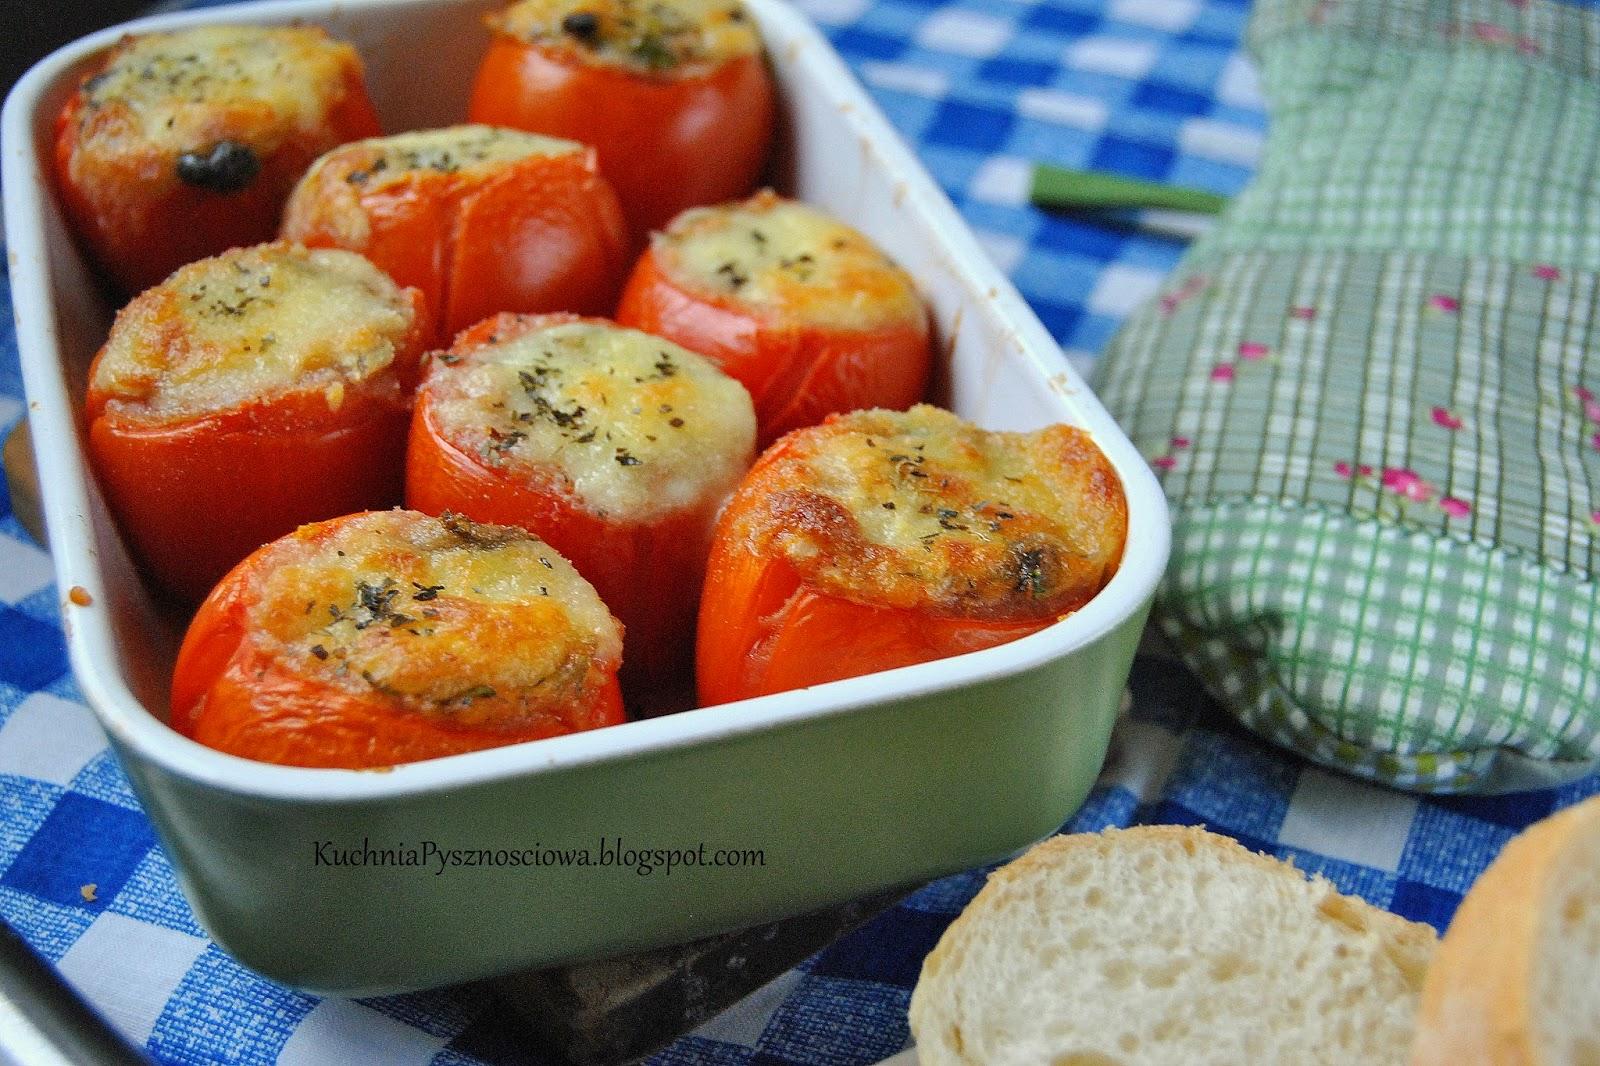 290. Pomidory faszerowane po sycylijsku